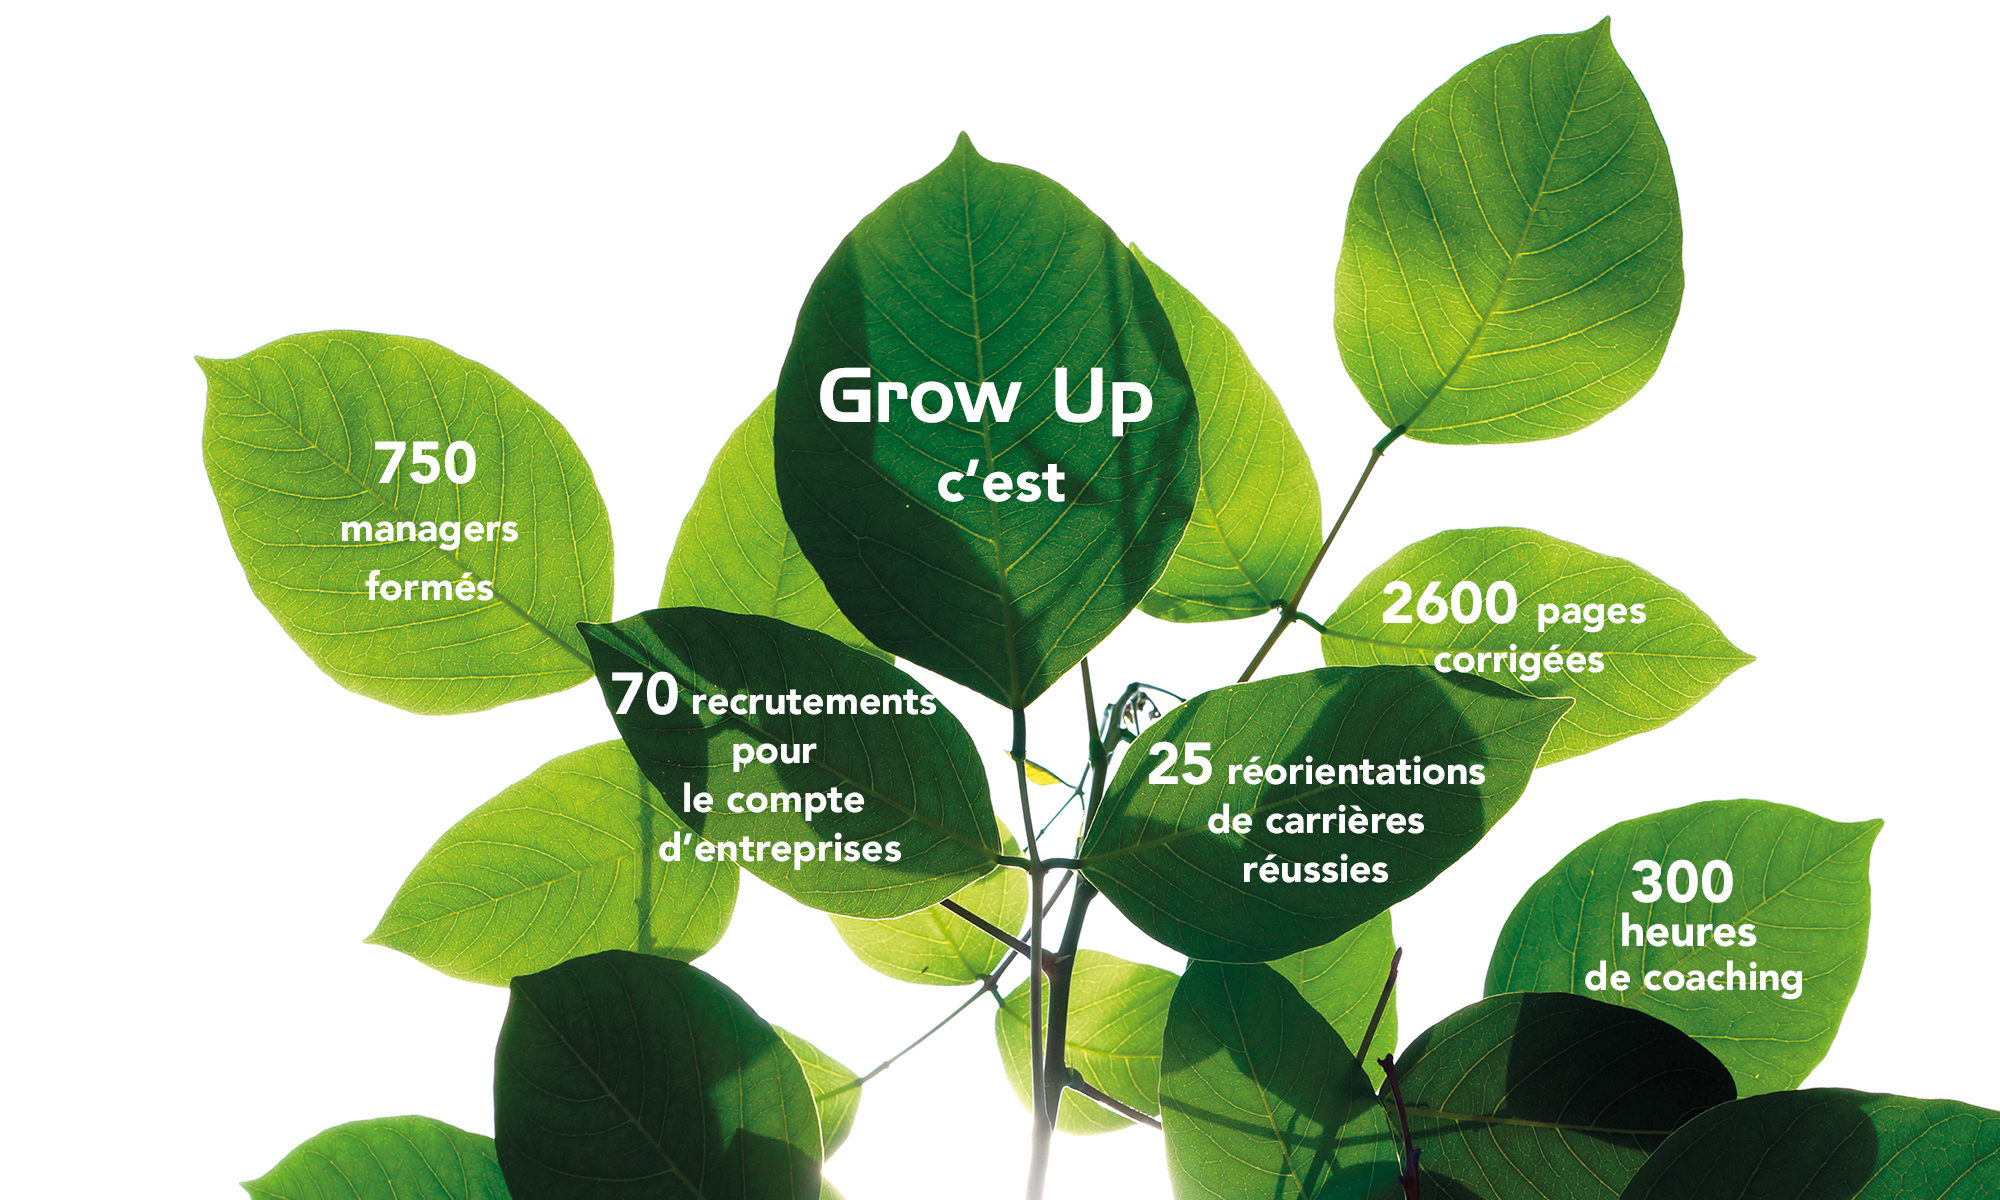 Les chiffres de Grow Up